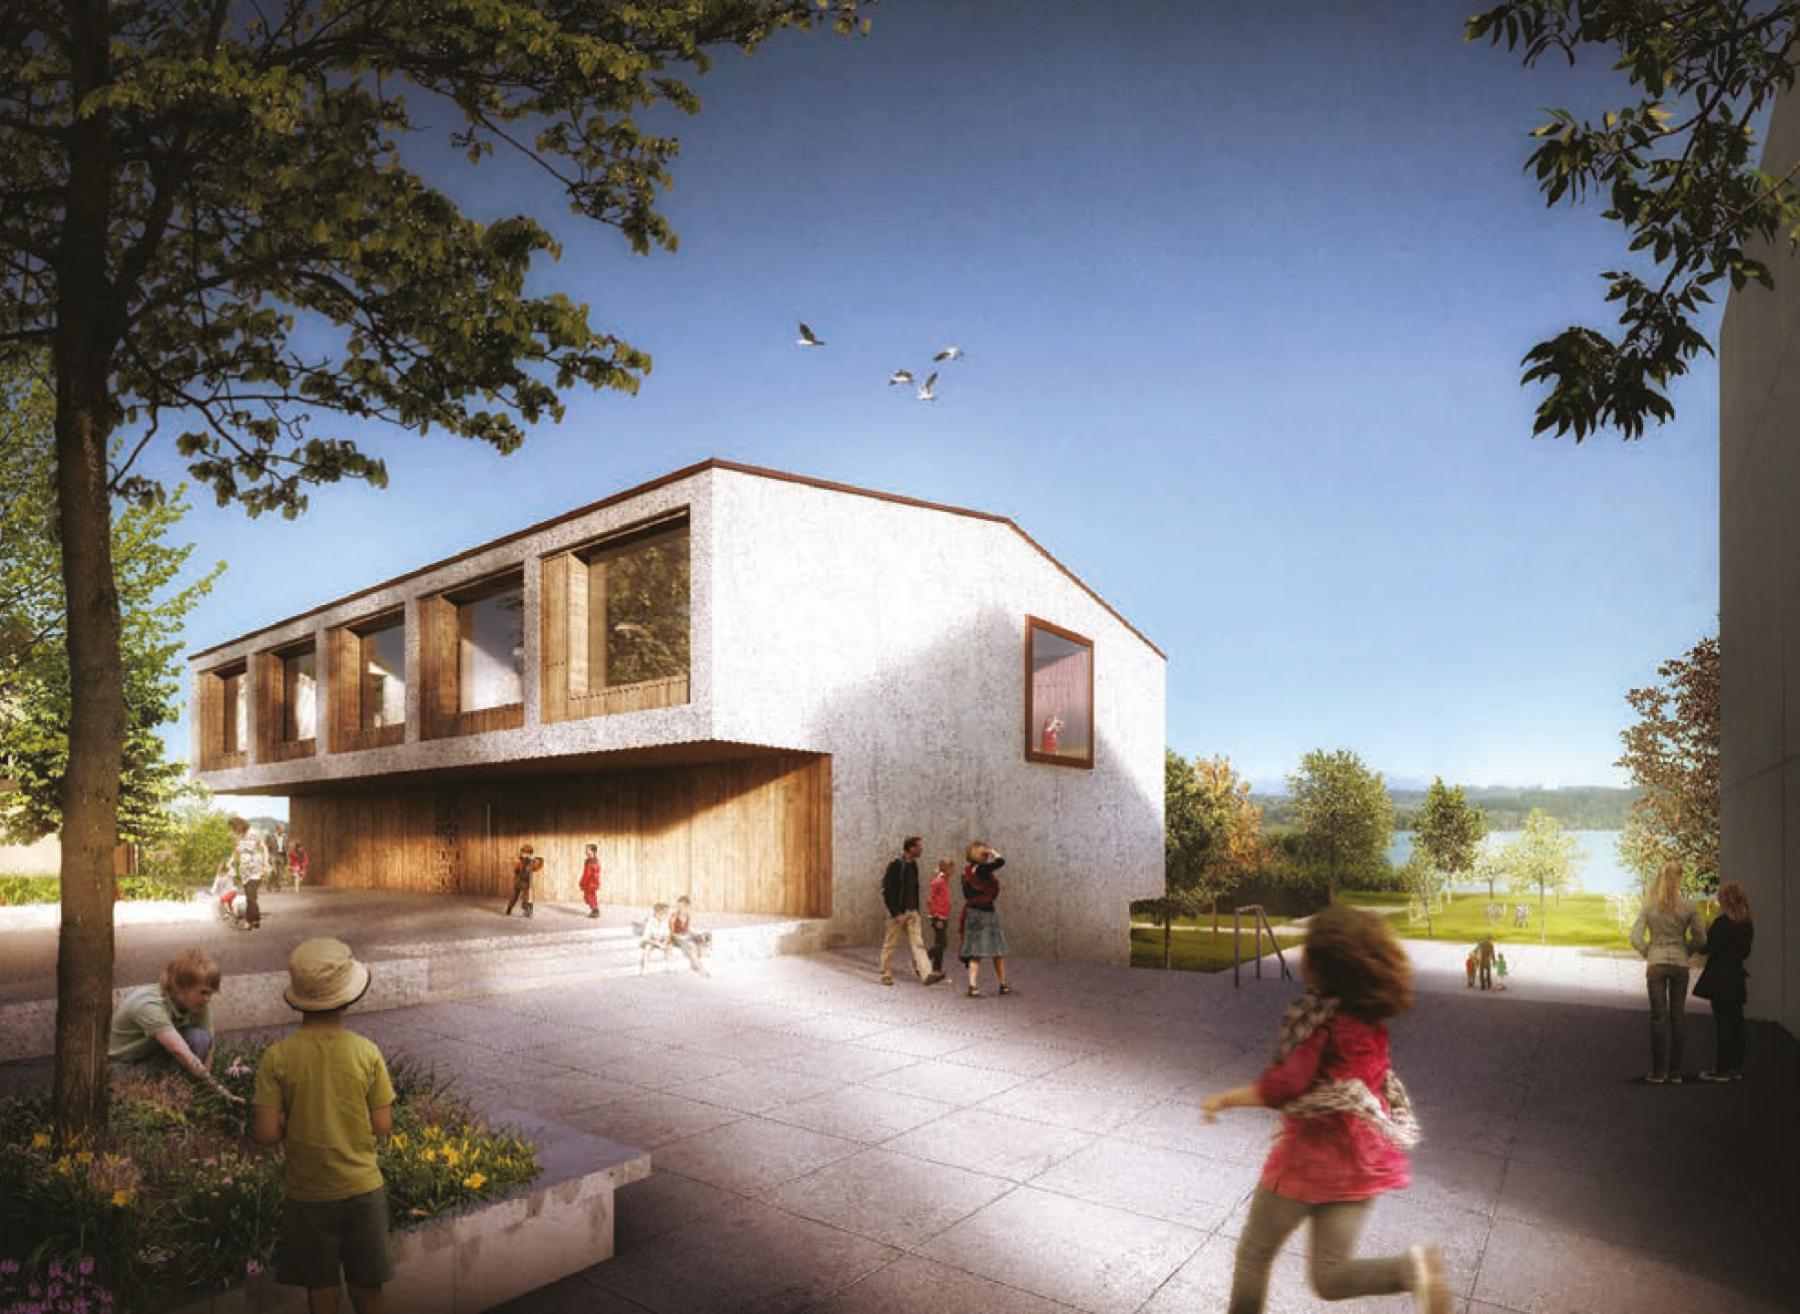 Agrandissement de l'école primaire, Bas-Vully, Nant, MJ2B Architekten, WILLIE